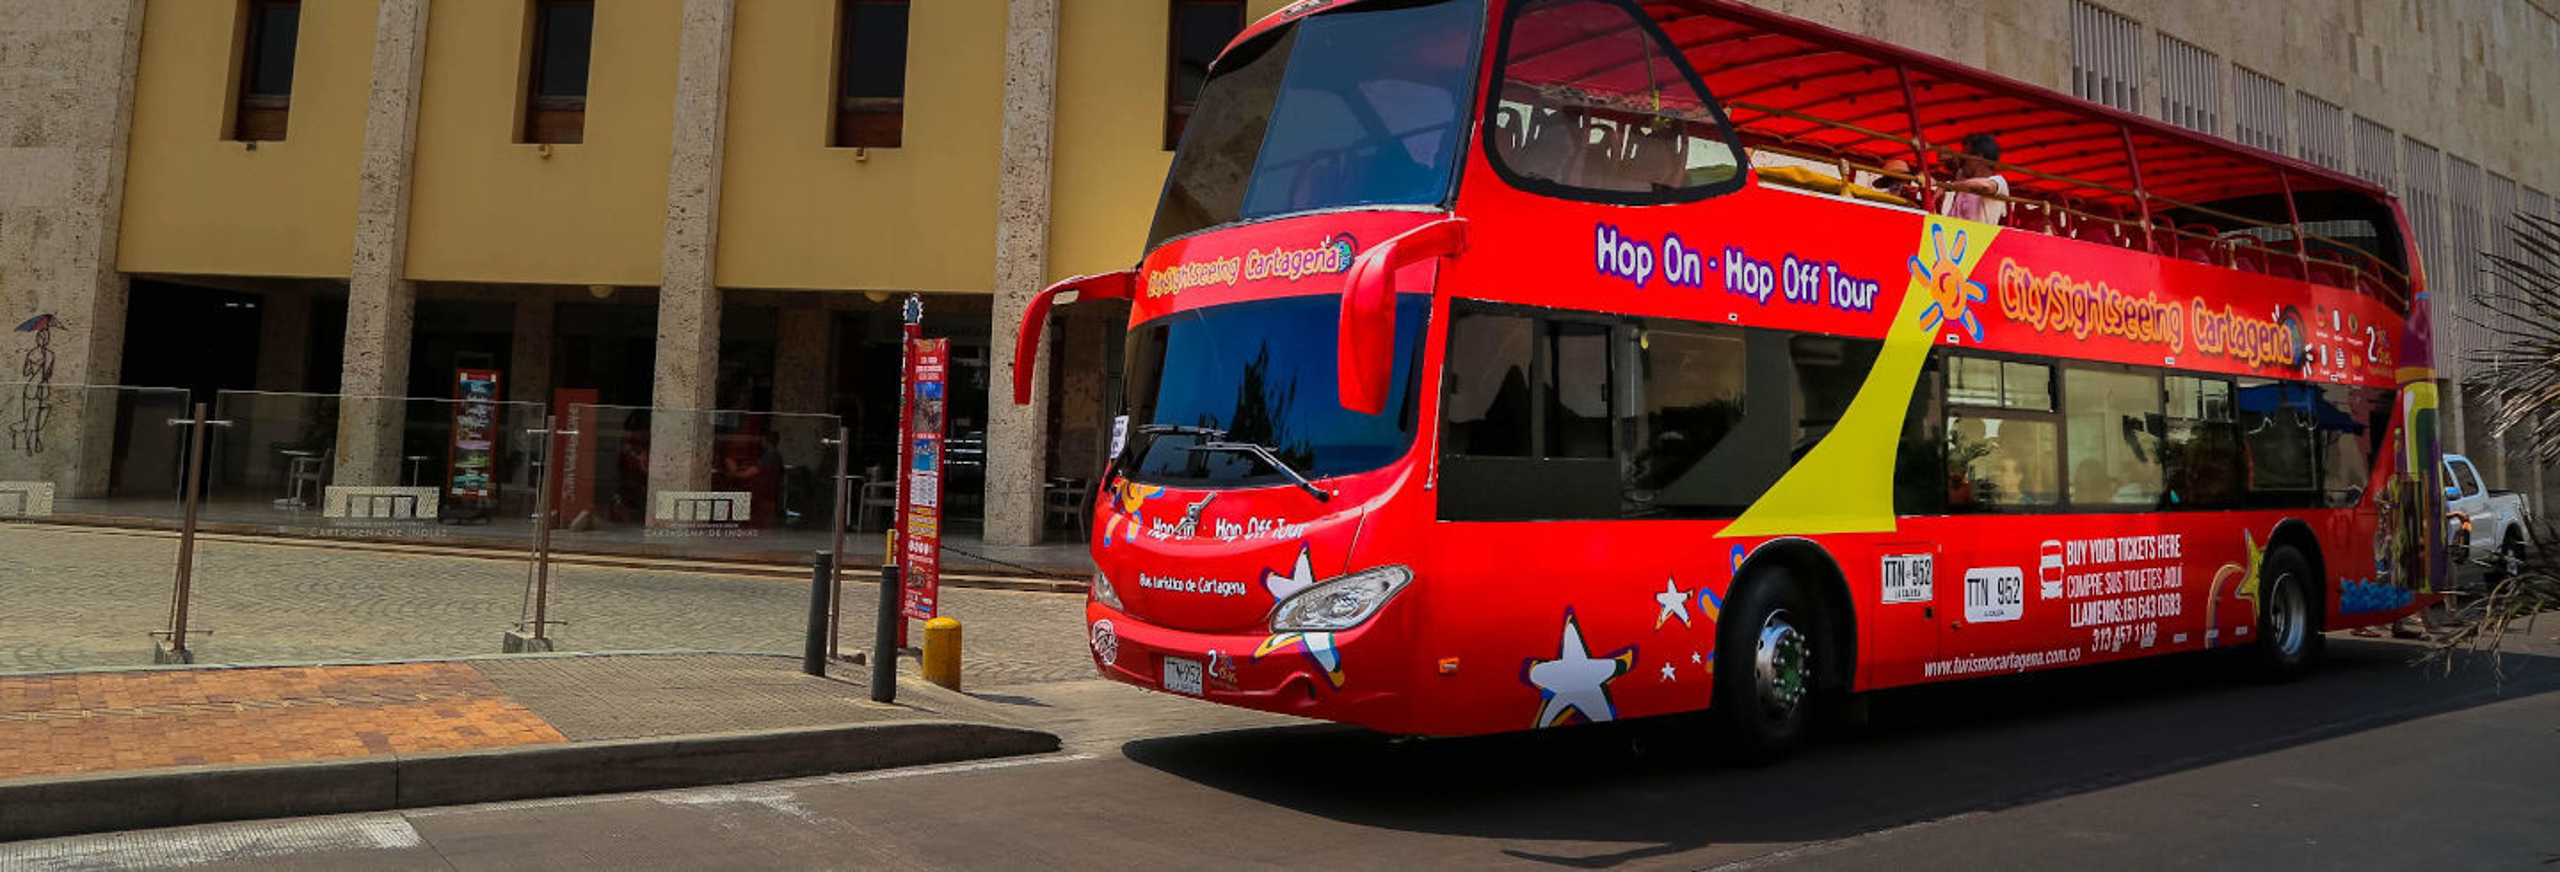 Ônibus turístico de Cartagena